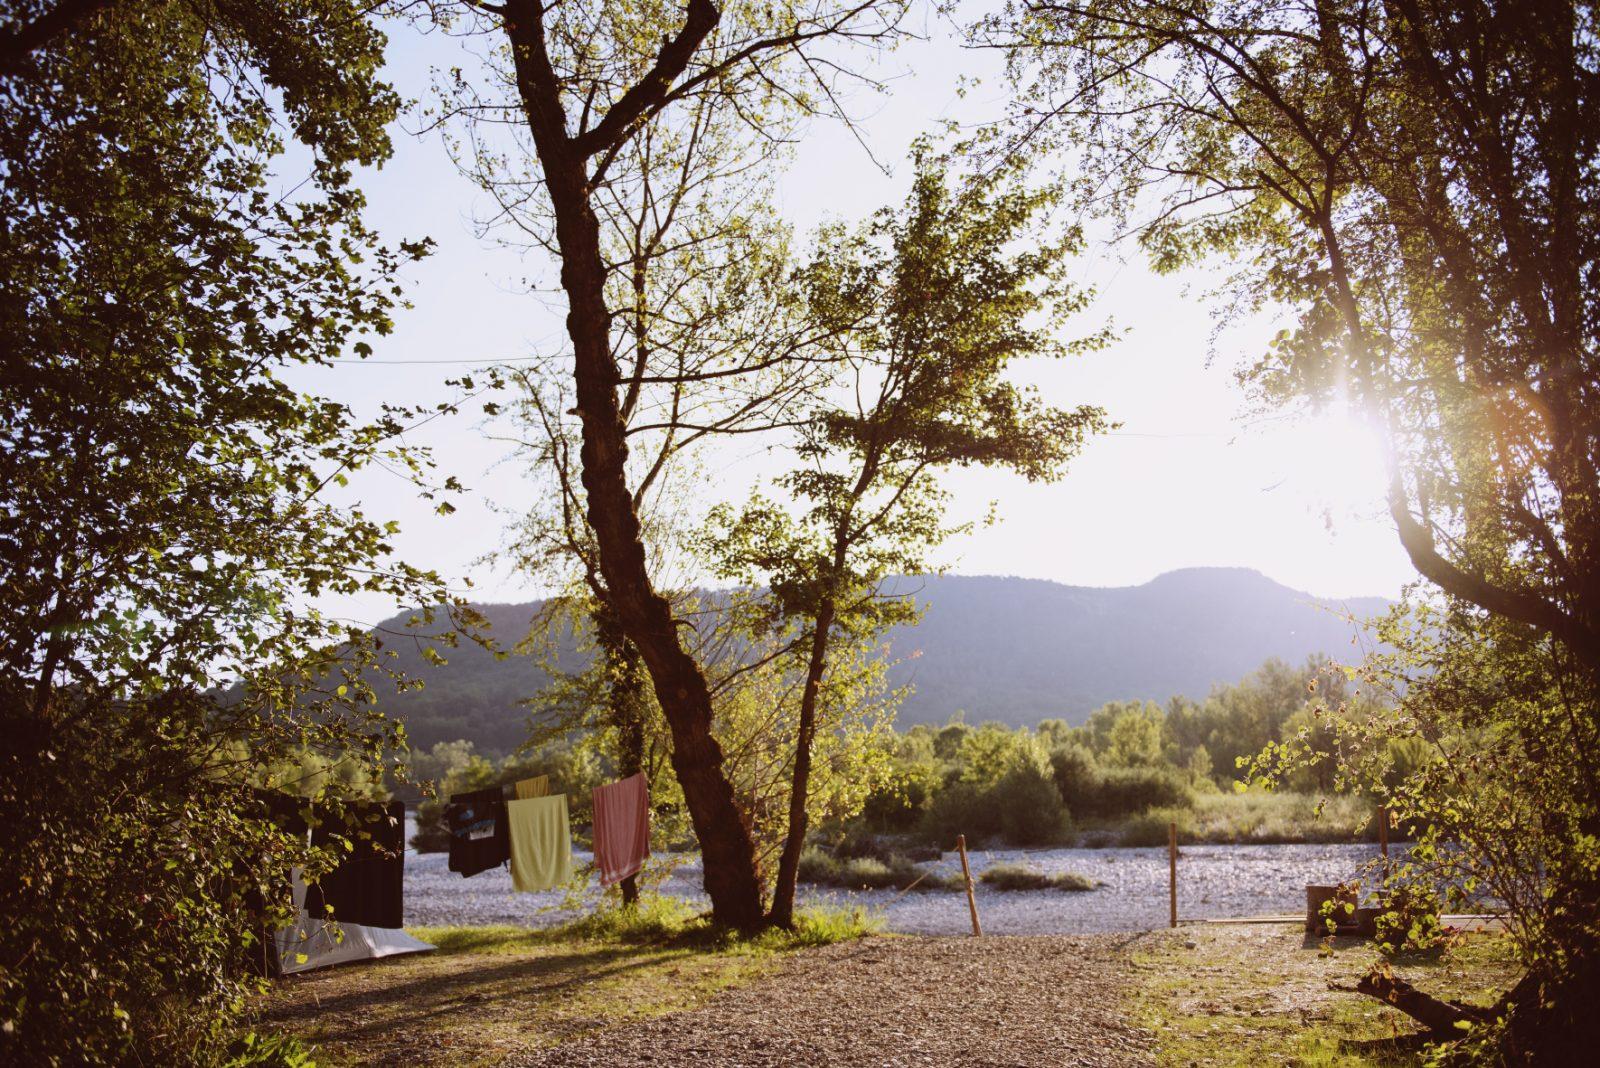 Les Chamberts camping et lodges en bord de rivière drôme-Emplacements pour camper